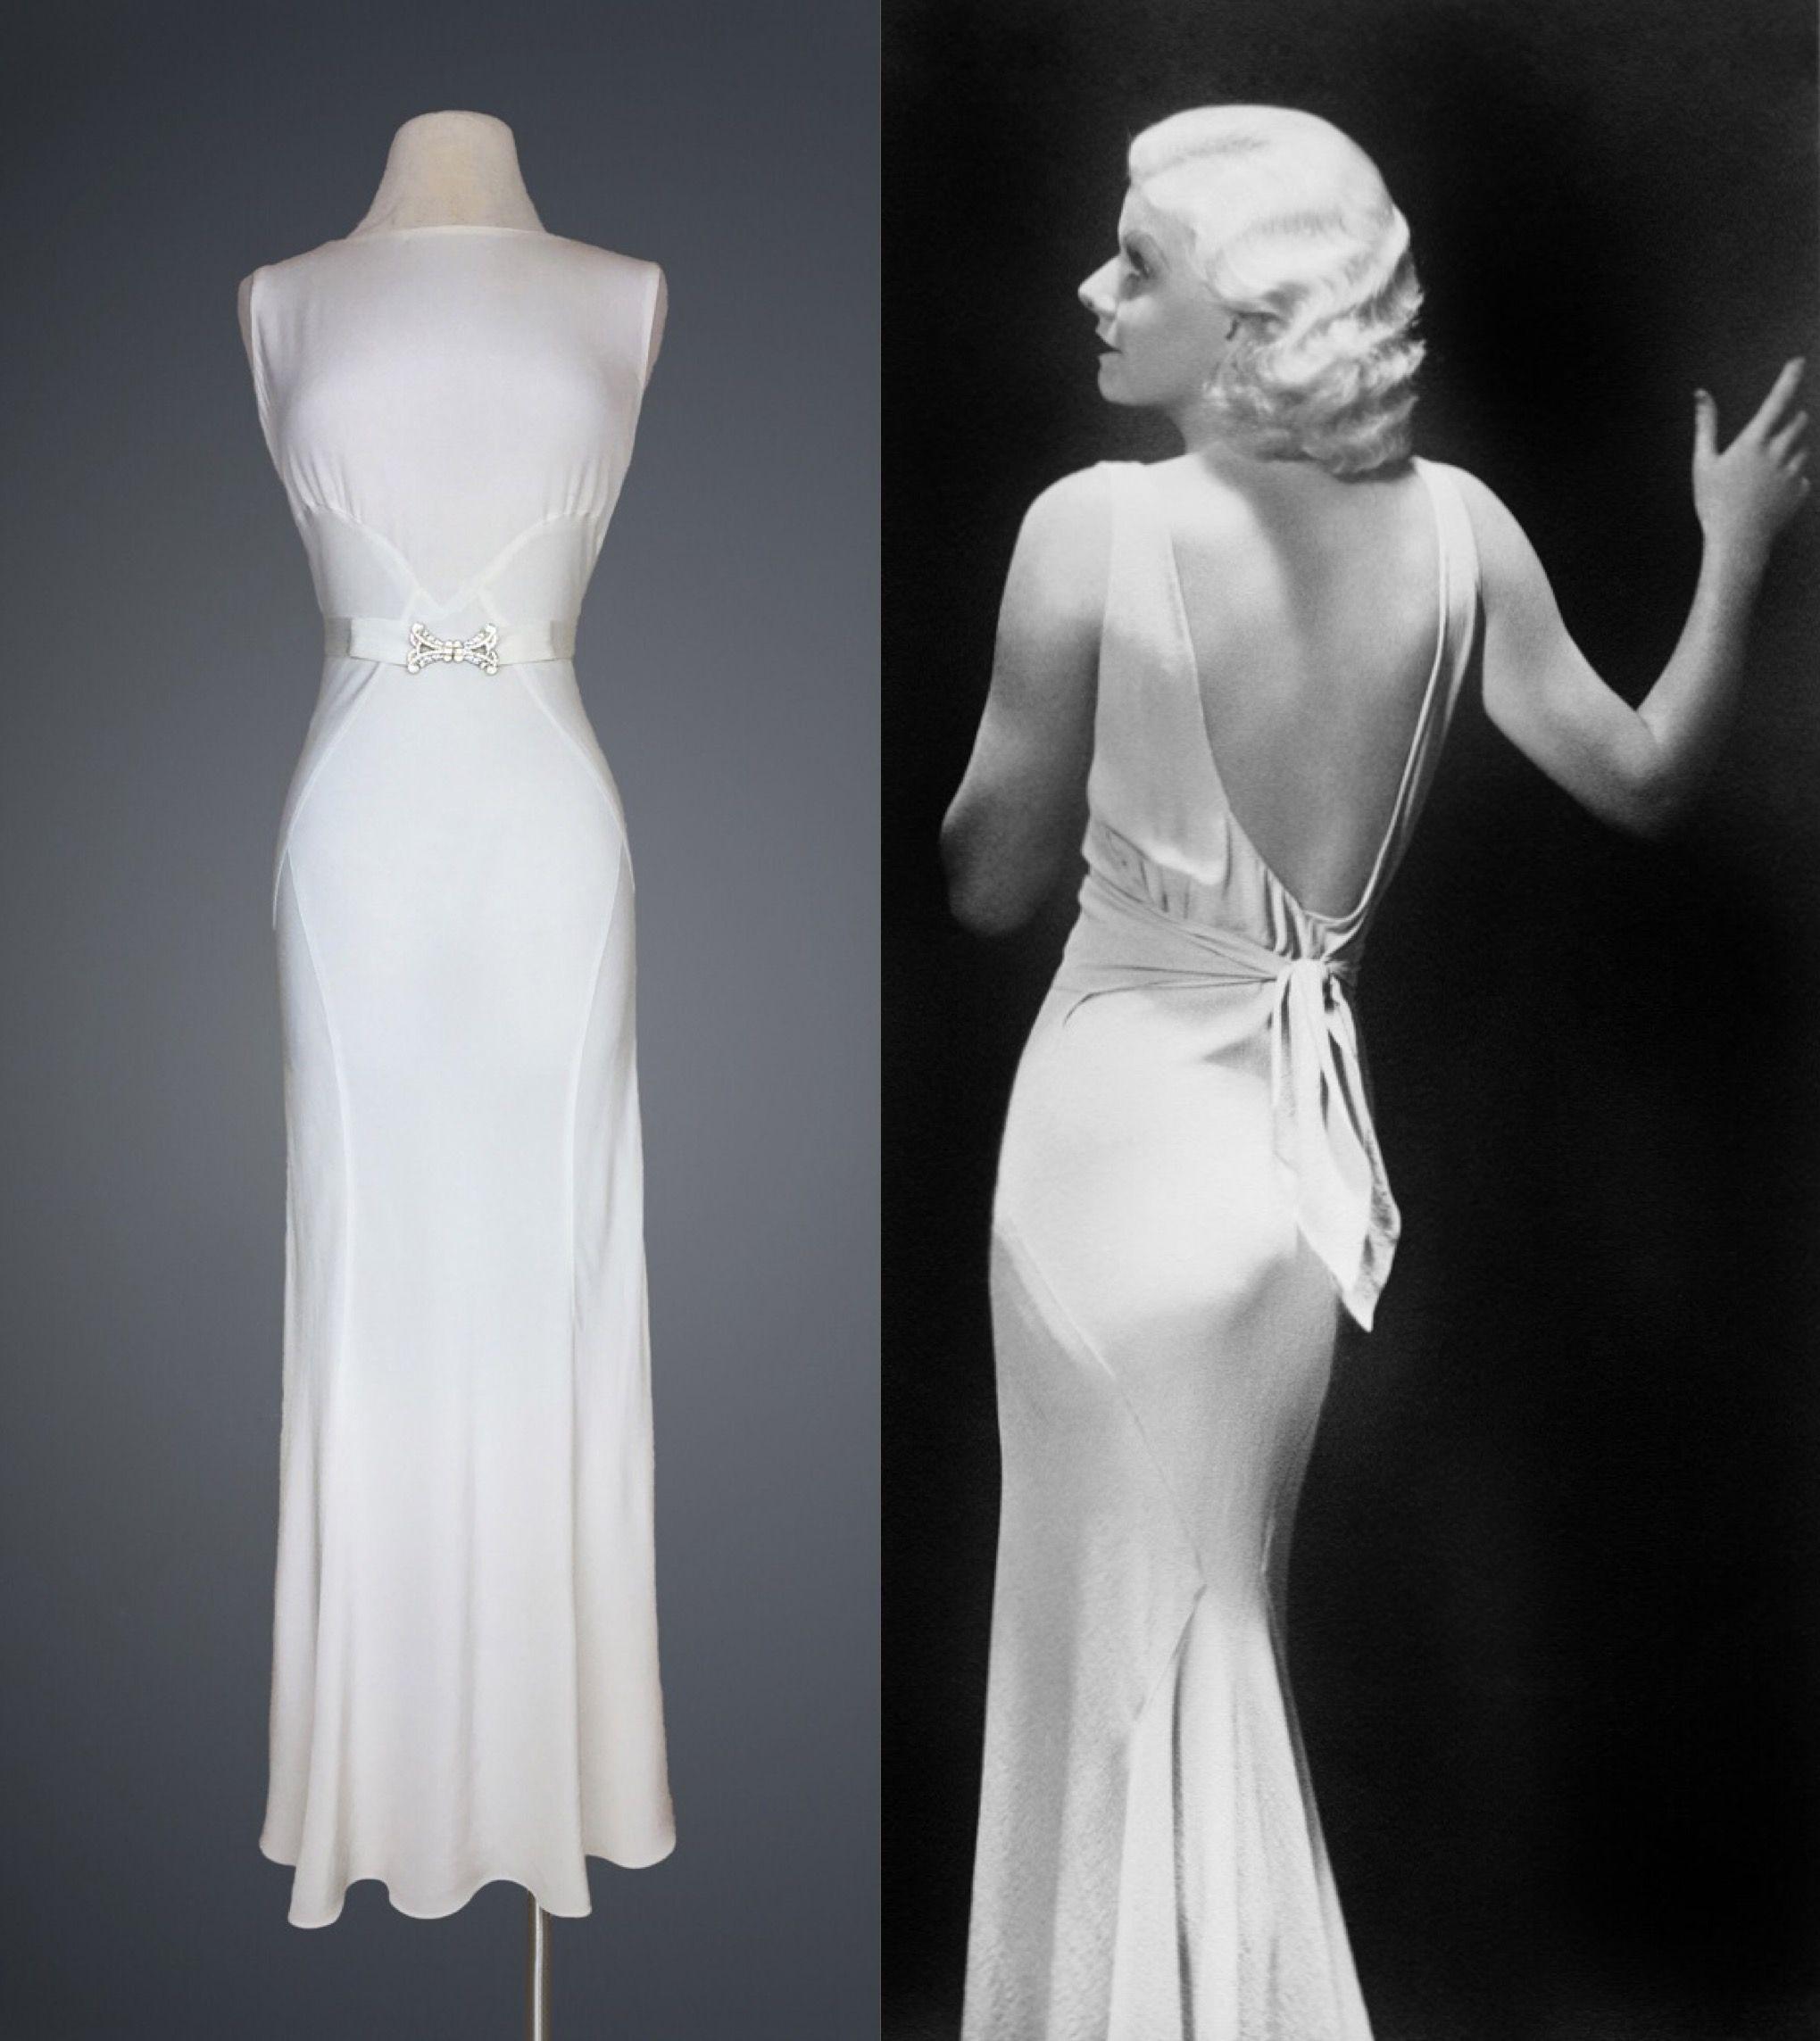 Vintage 1930s rayon-crêpe bias cut gown | Vintage Fashion ...